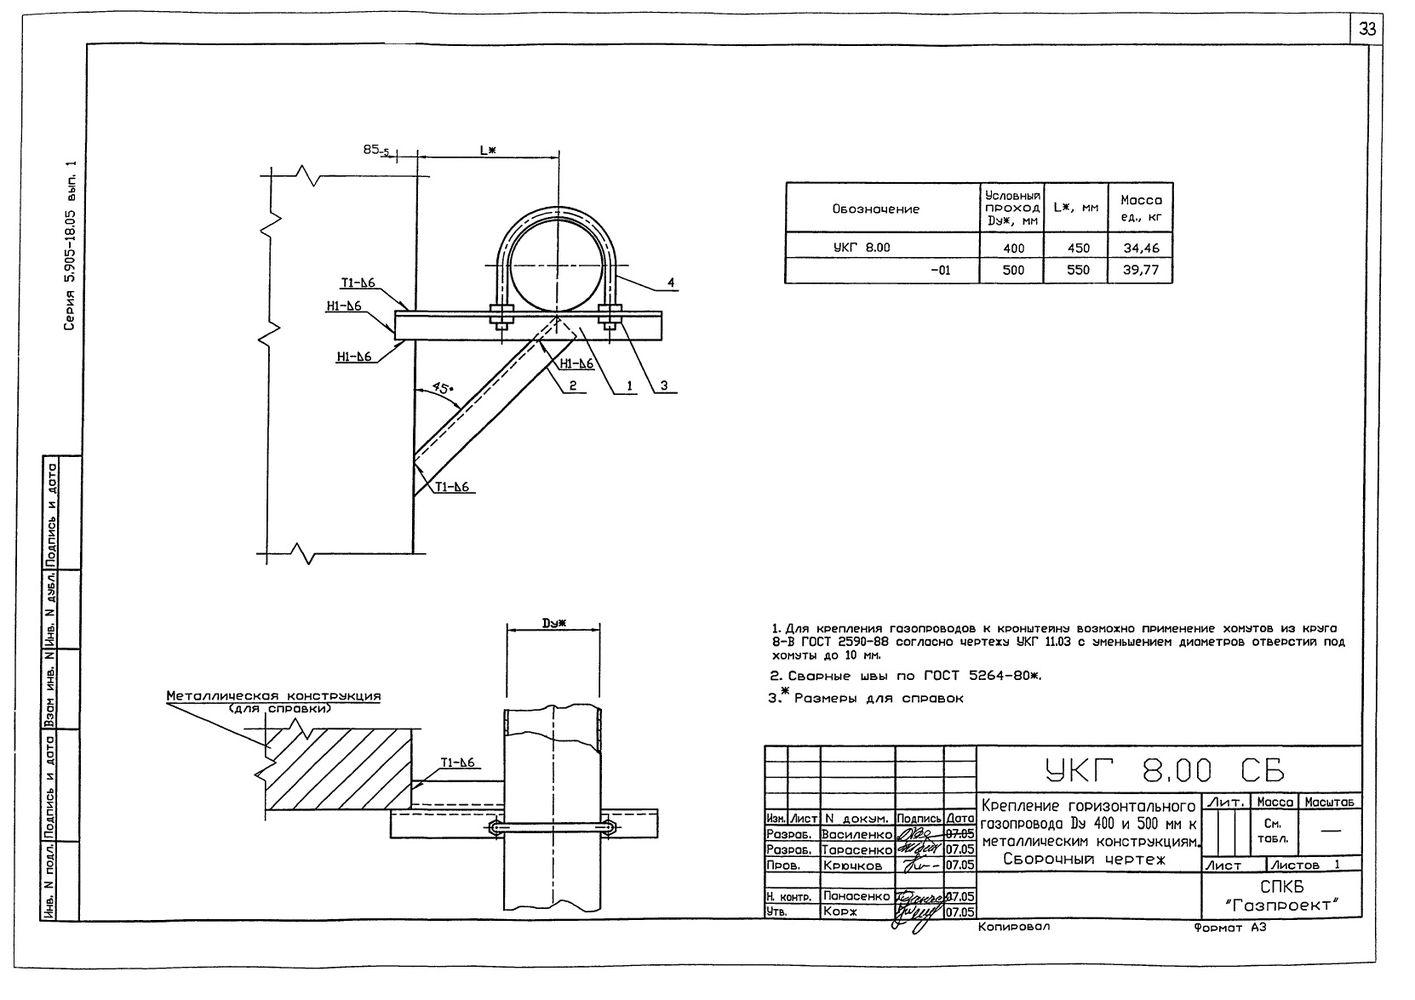 Крепление горизонтального газопровода Ду 400 и 500 мм к металлическим конструкциям УКГ 8.00 СБ серия 5.905-18.05 выпуск 1 стр.1